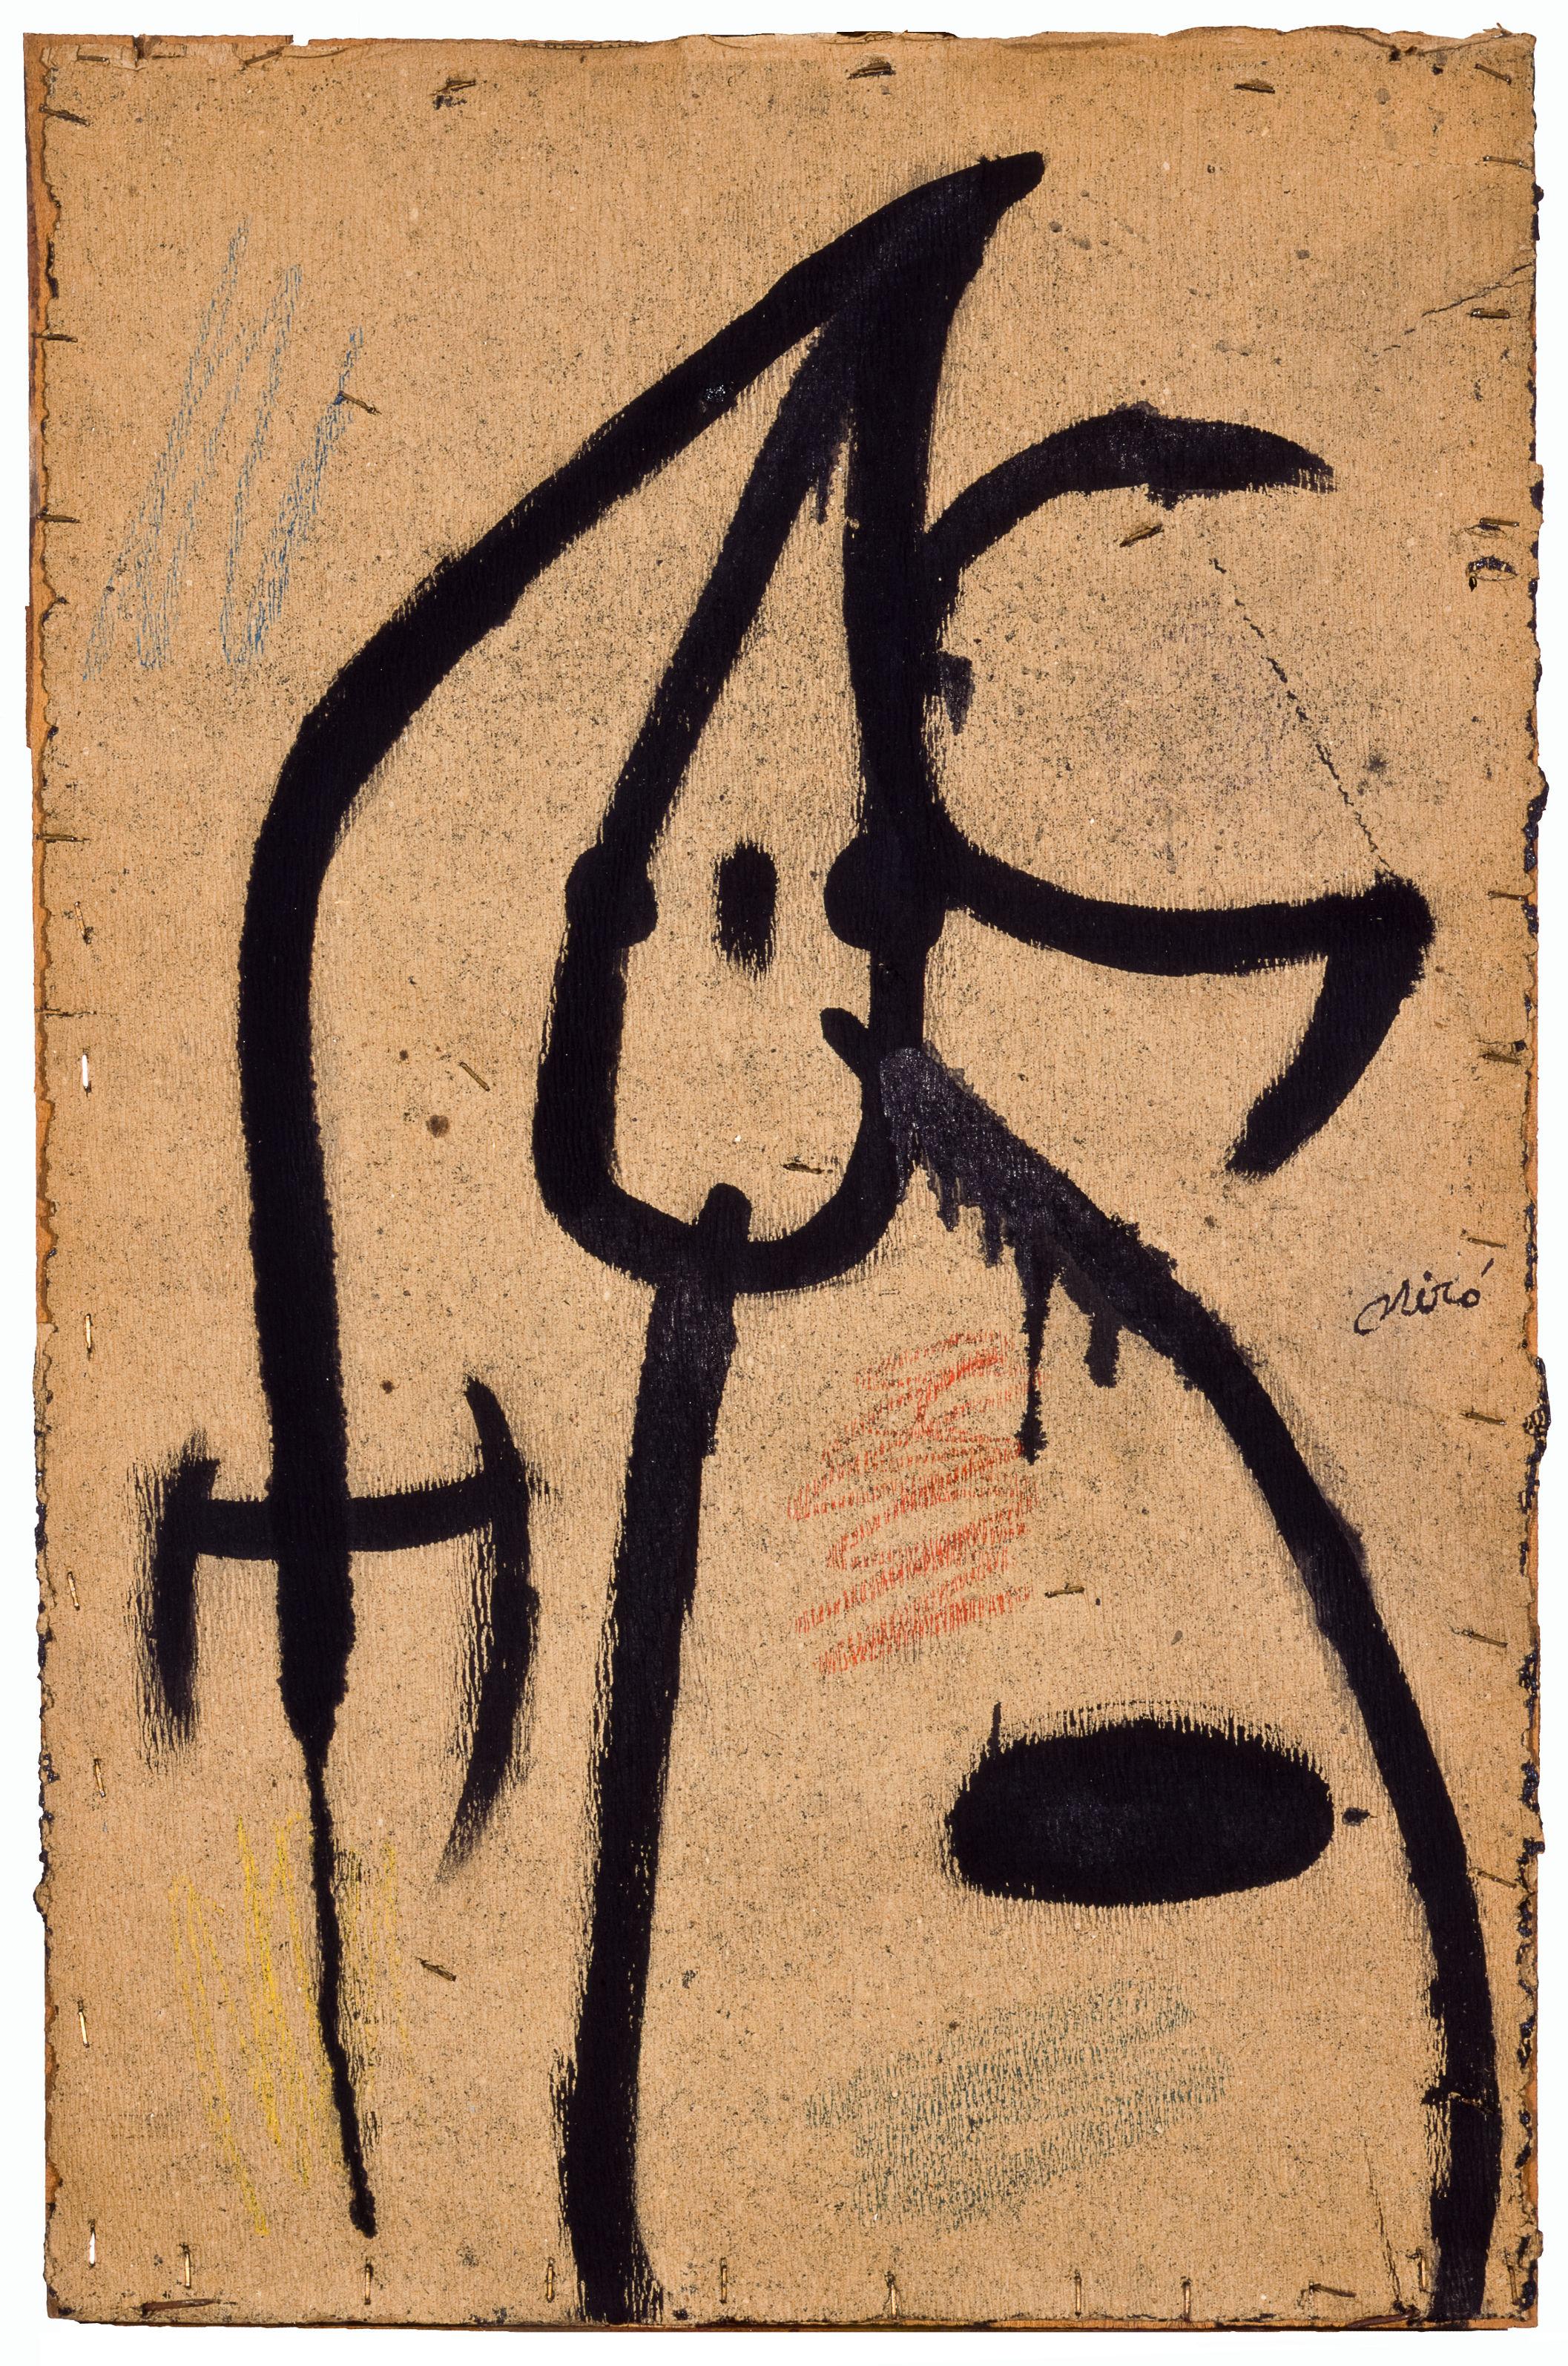 Joan Miró Personaggio, uccelli, 1976 Olio e pastello a cera su carta da imballaggio fissata su tavola